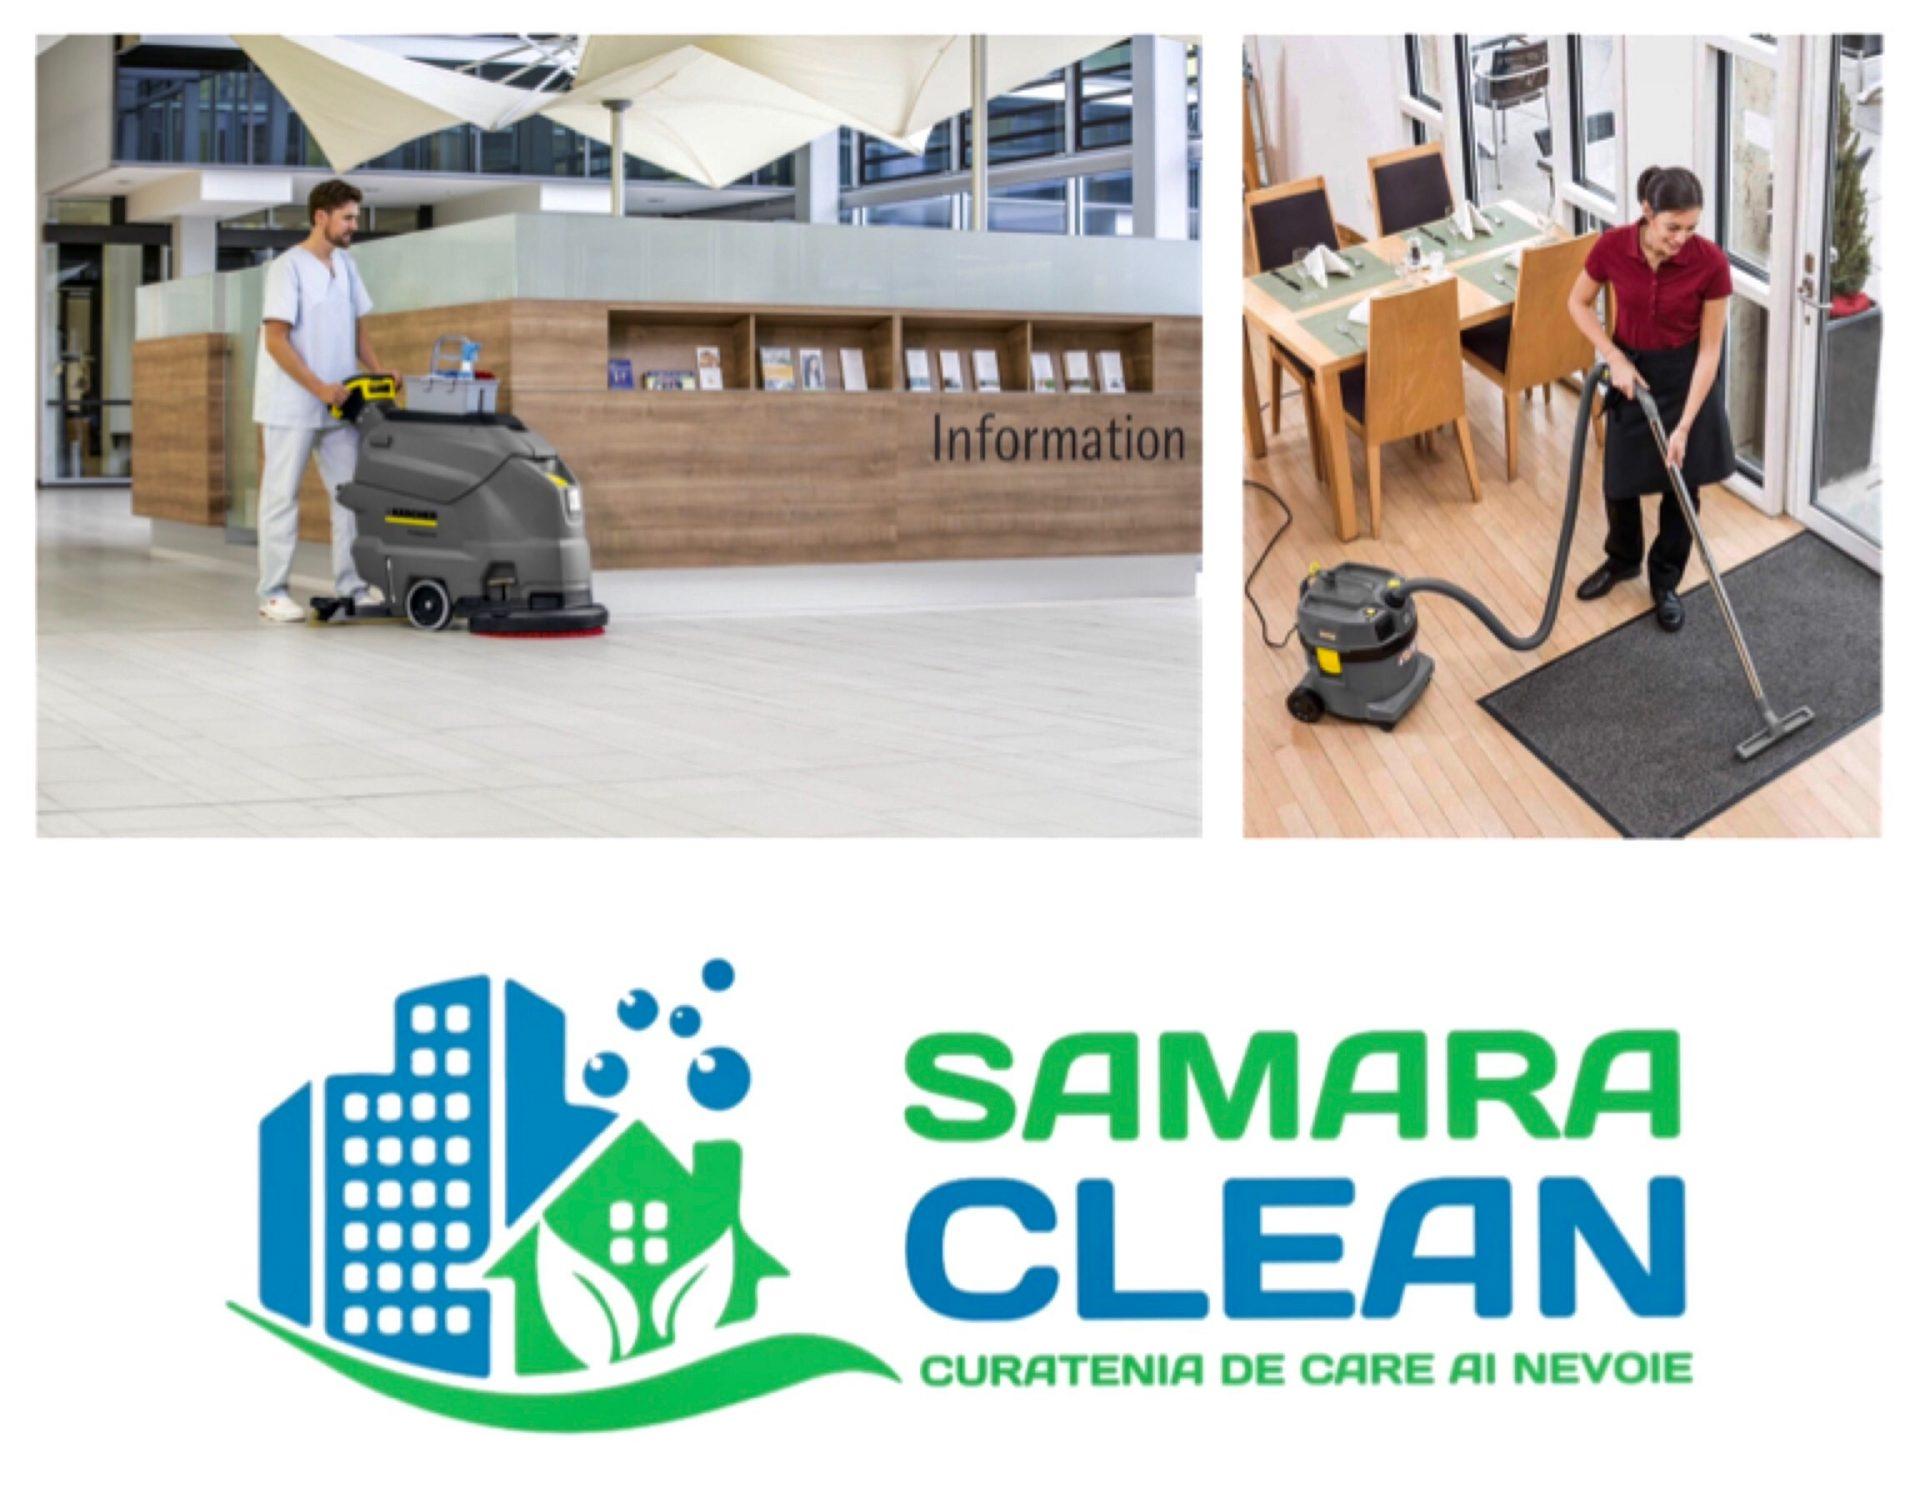 SAMARA CLEAN